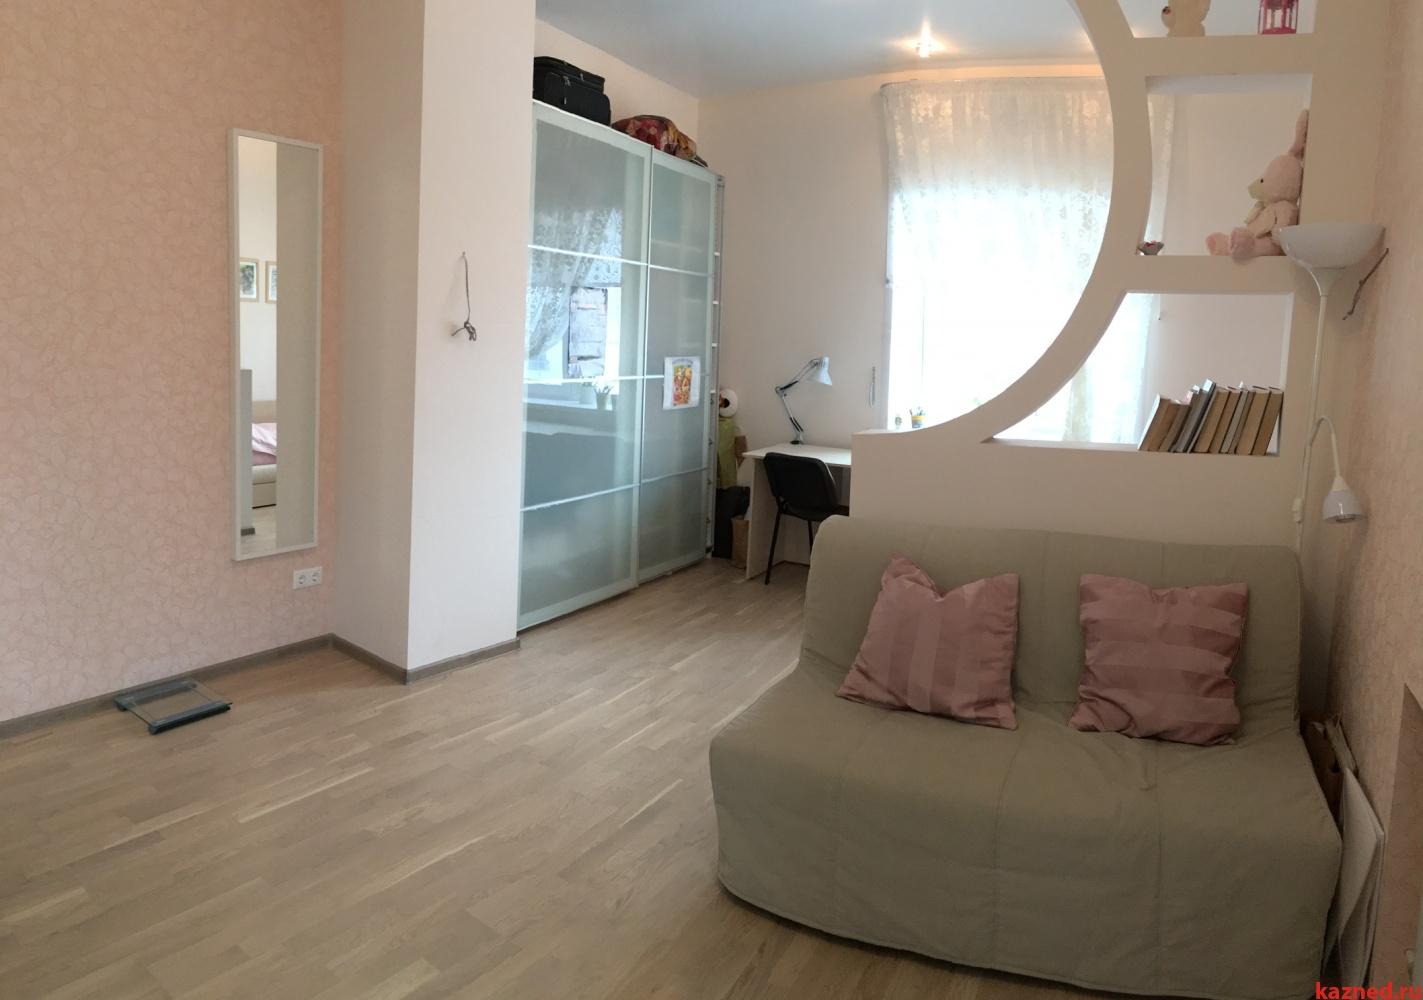 Продажа 4-к квартиры Чистопольская, д.38, 140 м²  (миниатюра №5)